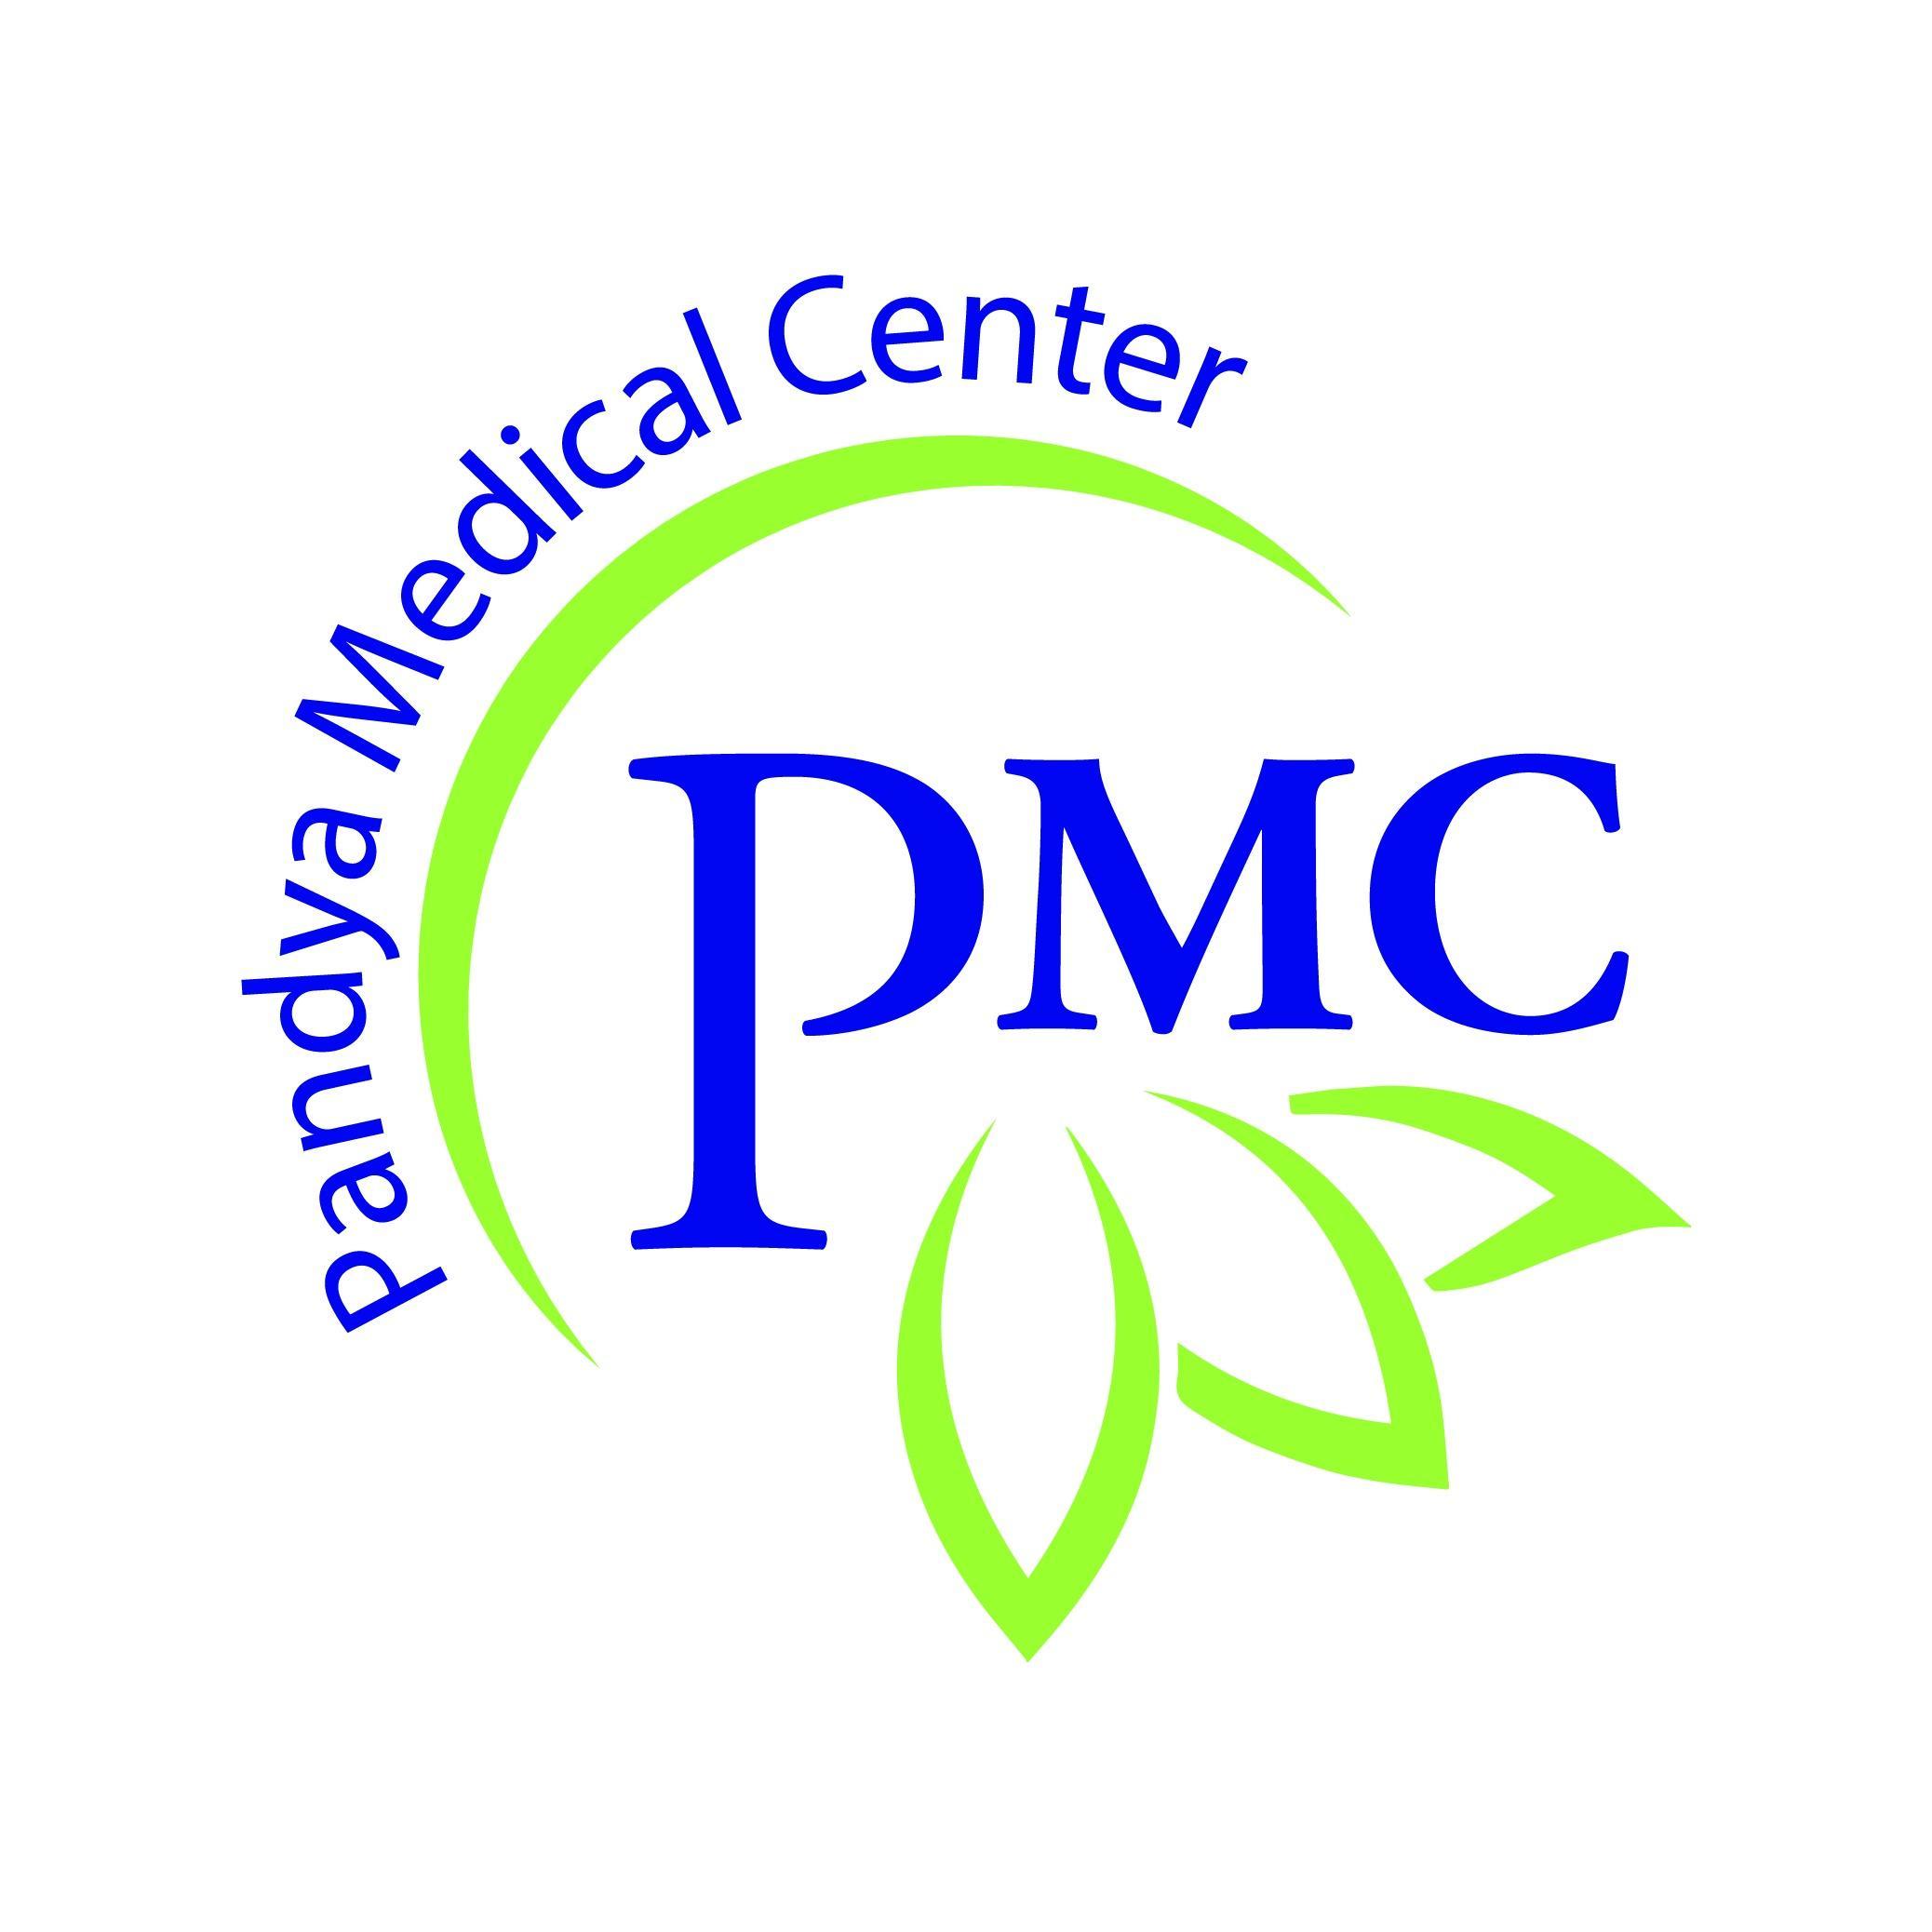 Pandya Medical Center